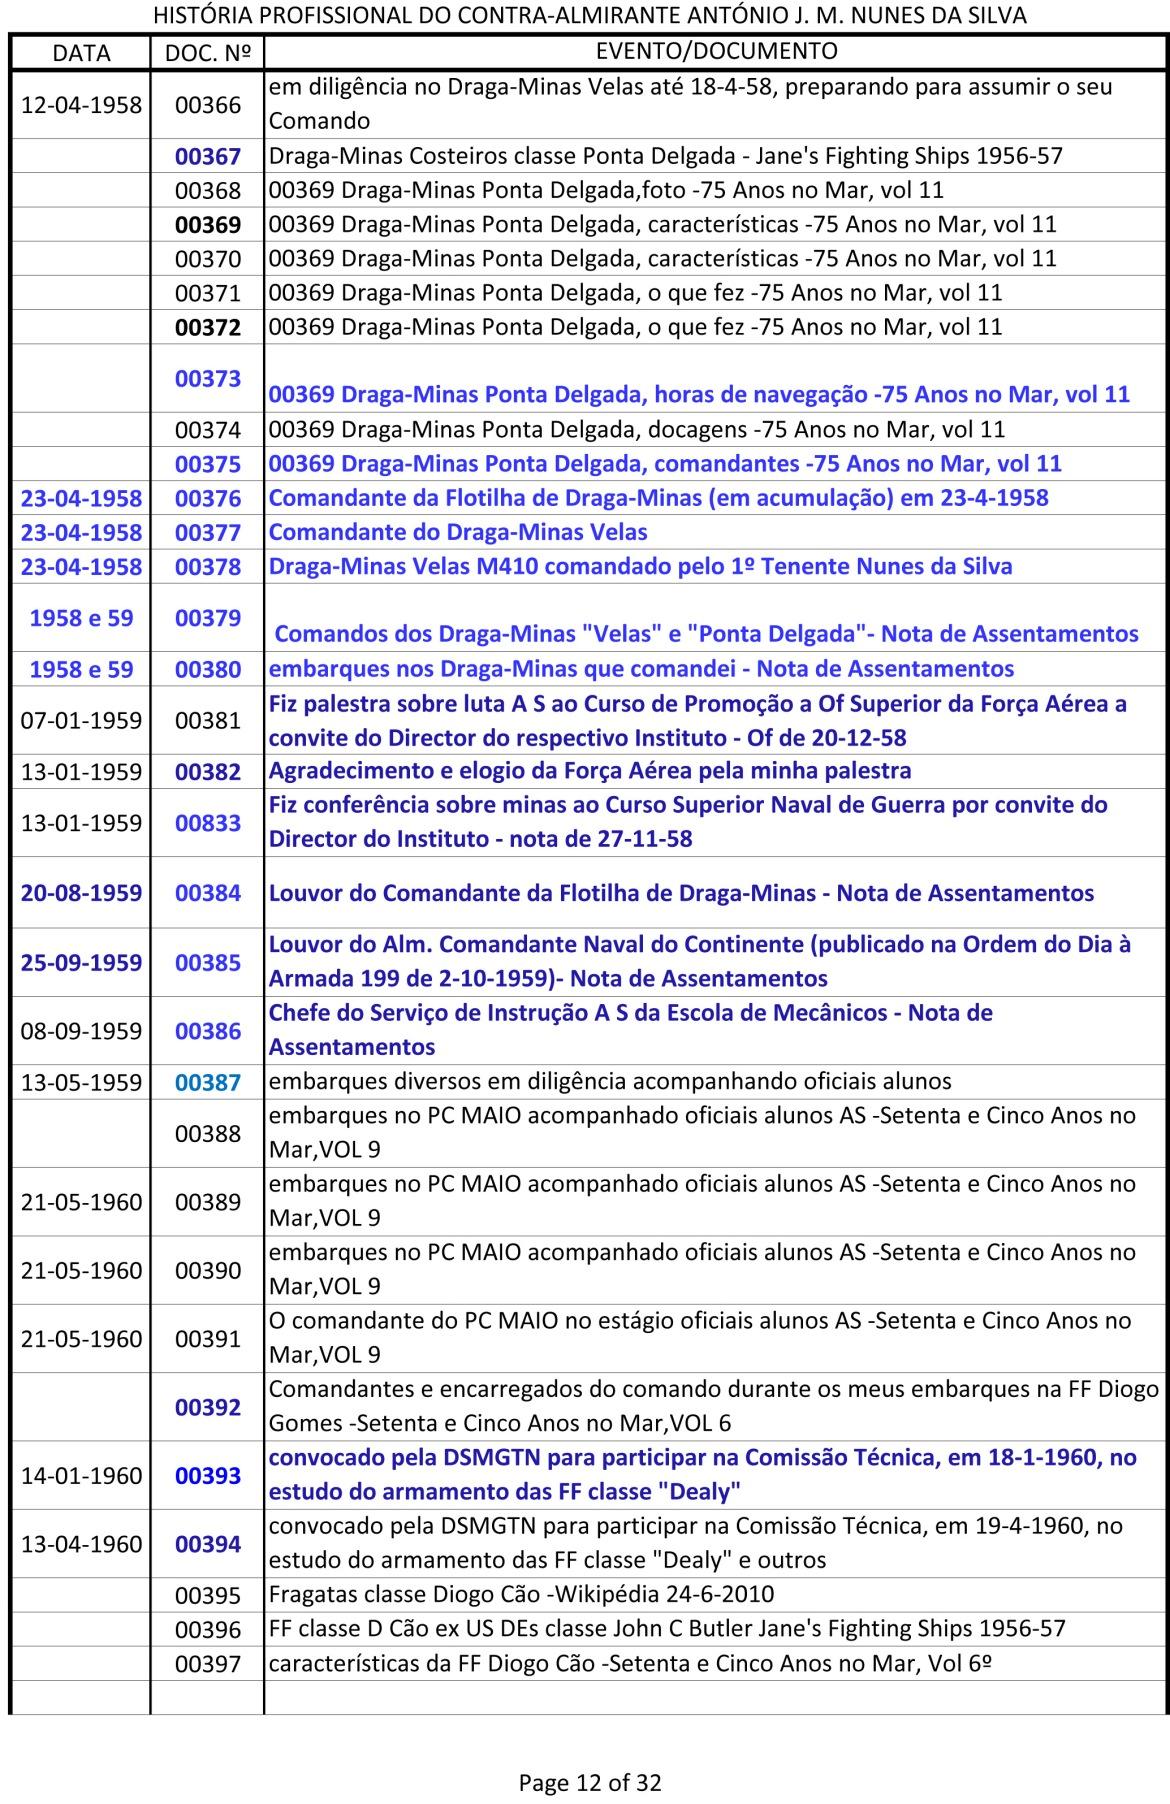 Índice dos documentos da História Profissional do CAlm Nunes da Silva -1943 a 1991-12